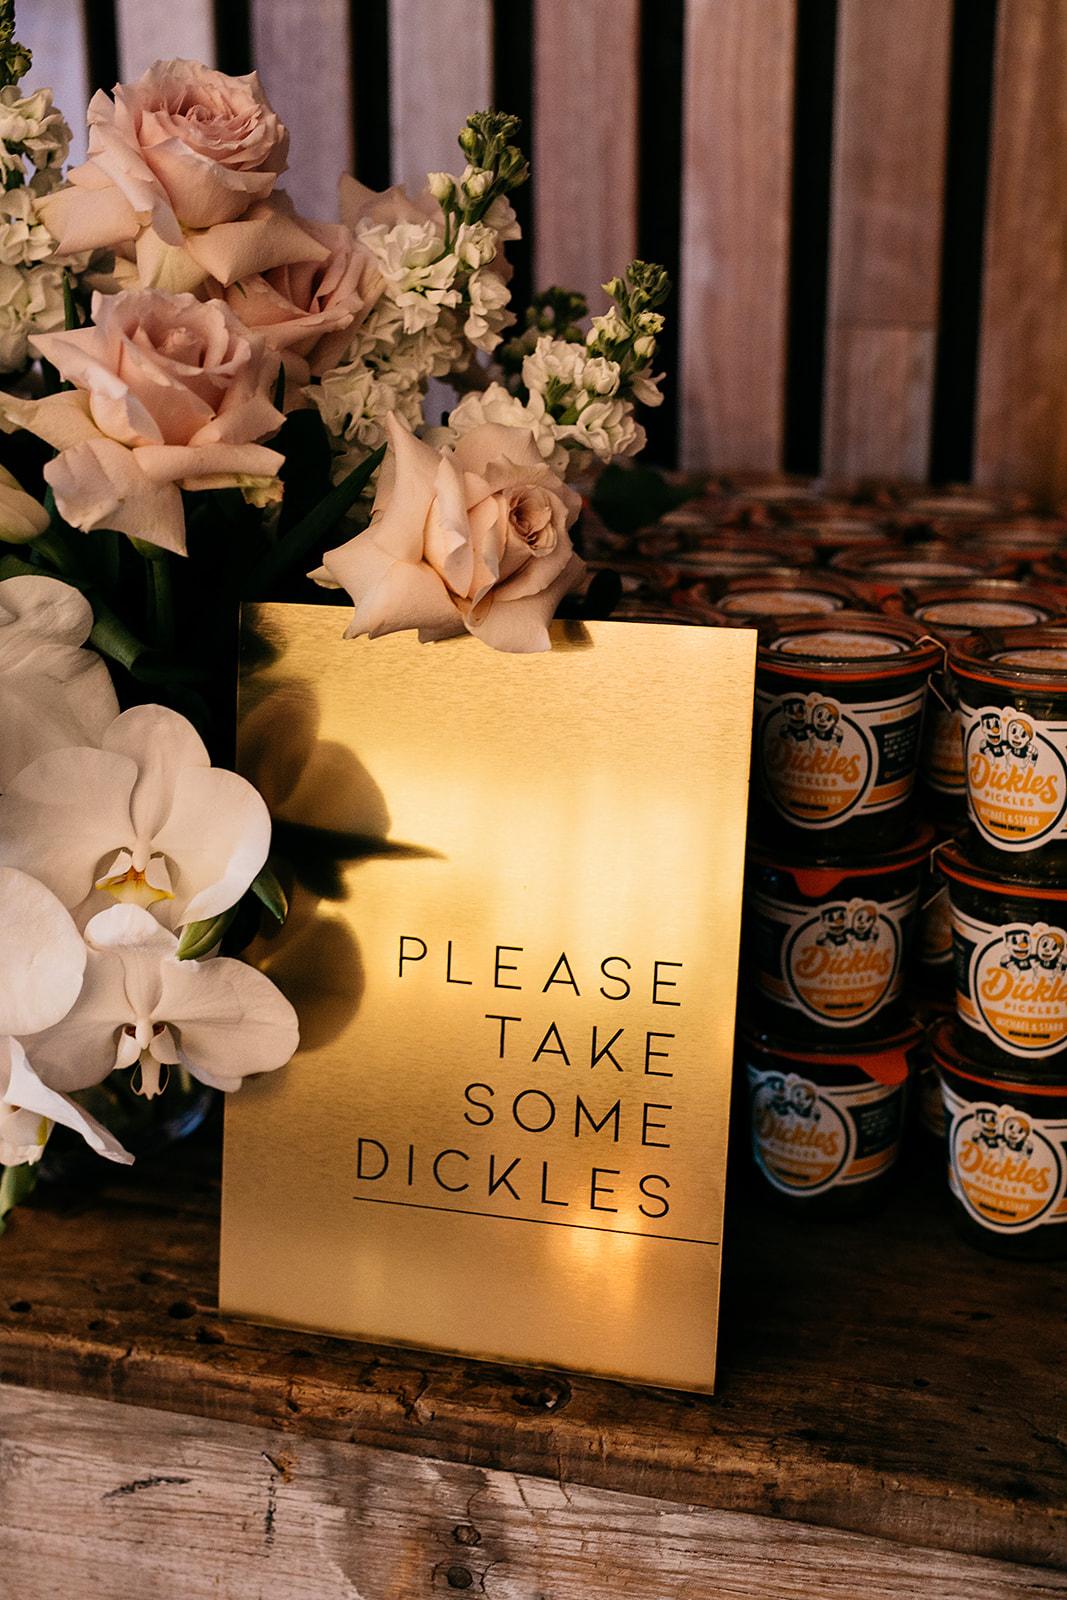 Dancing & Dessert - Dickles Pickles